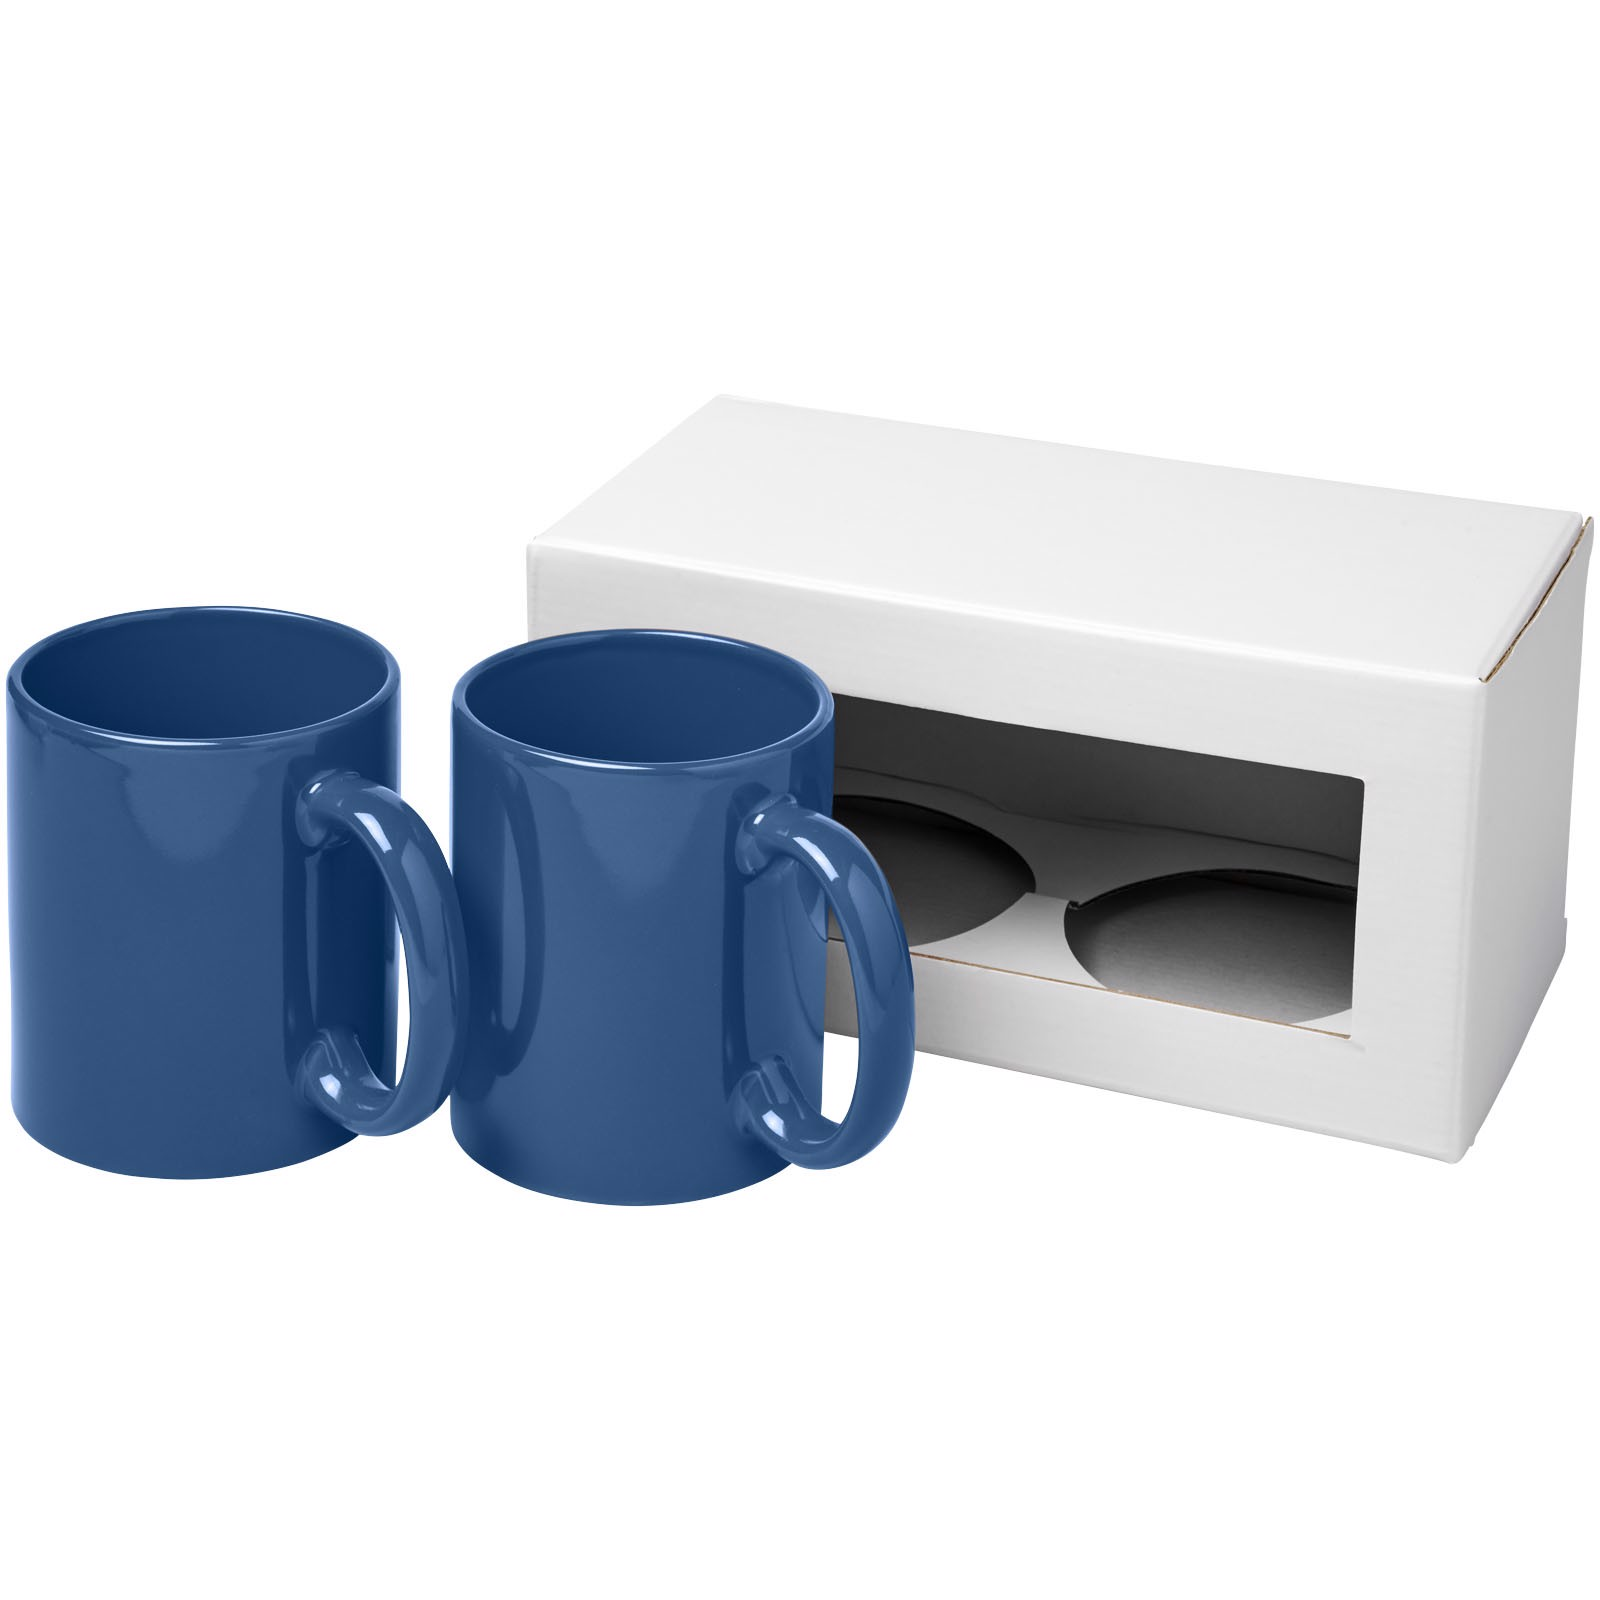 2-częściowy zestaw upominkowy Ceramic - Niebieski